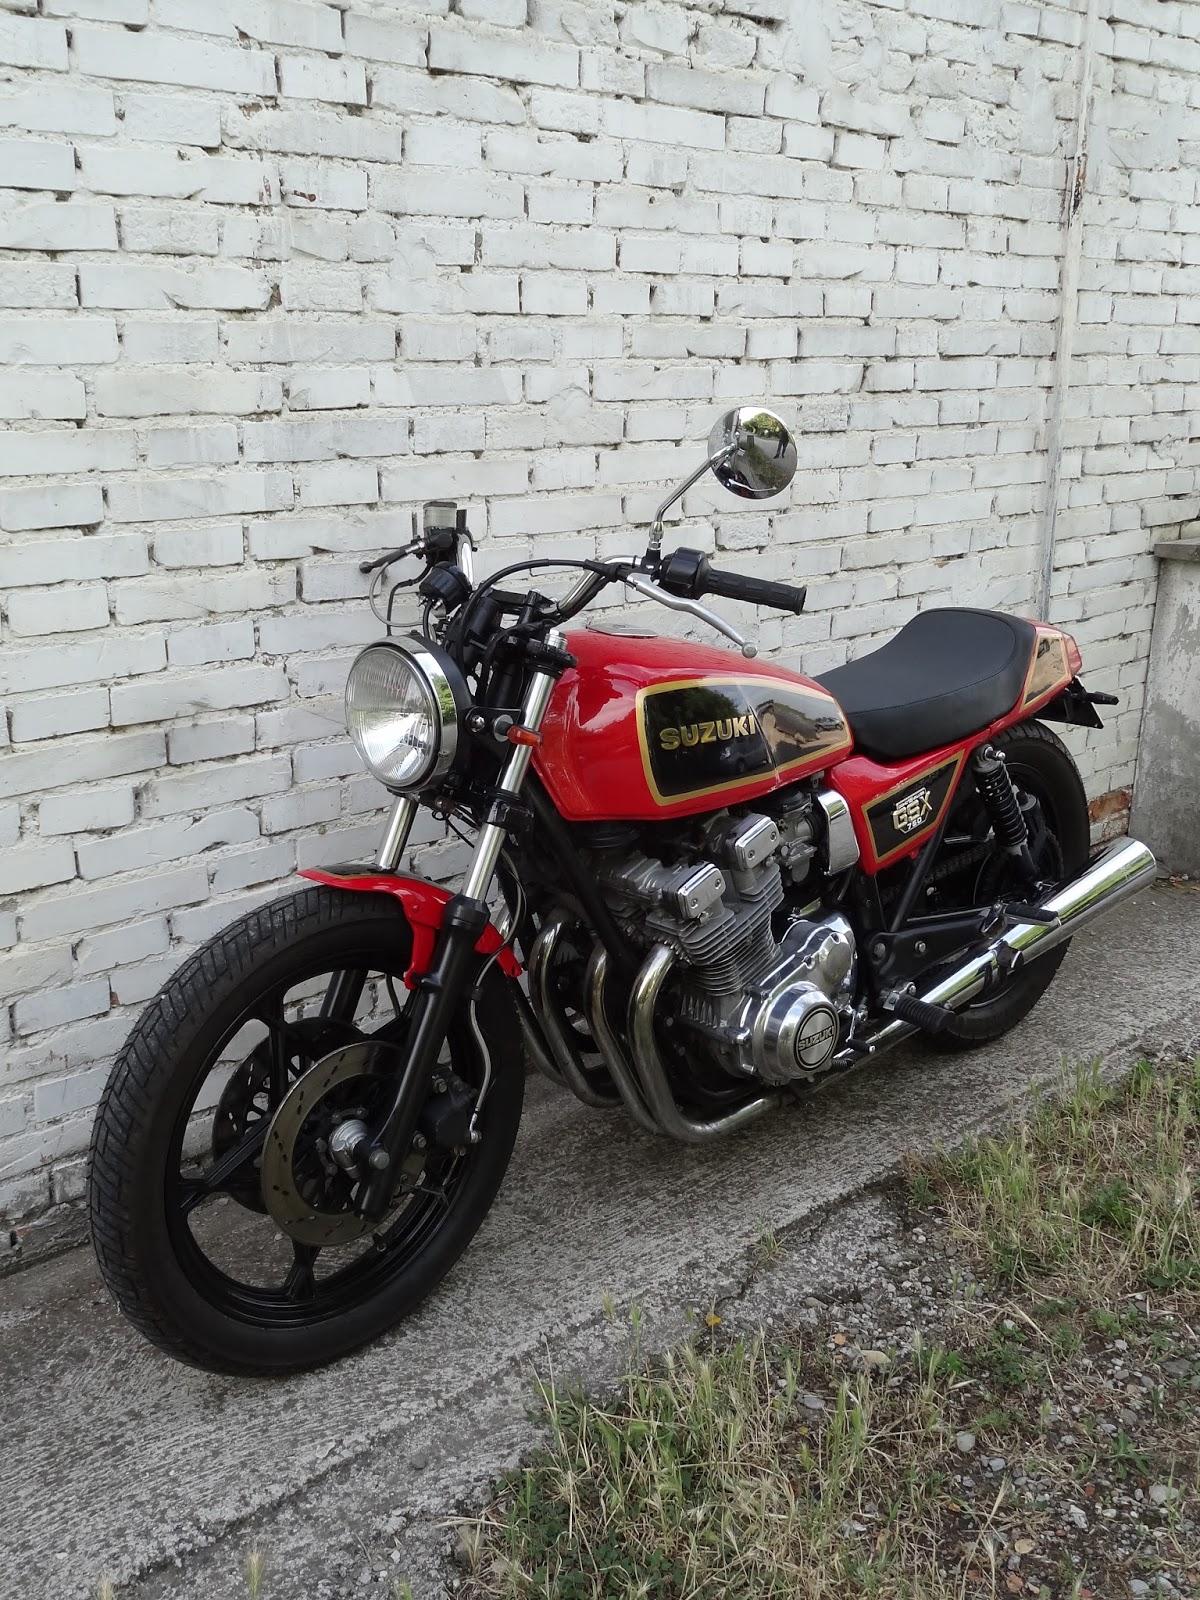 b r moto art suzuki gsx 750 spring br048. Black Bedroom Furniture Sets. Home Design Ideas